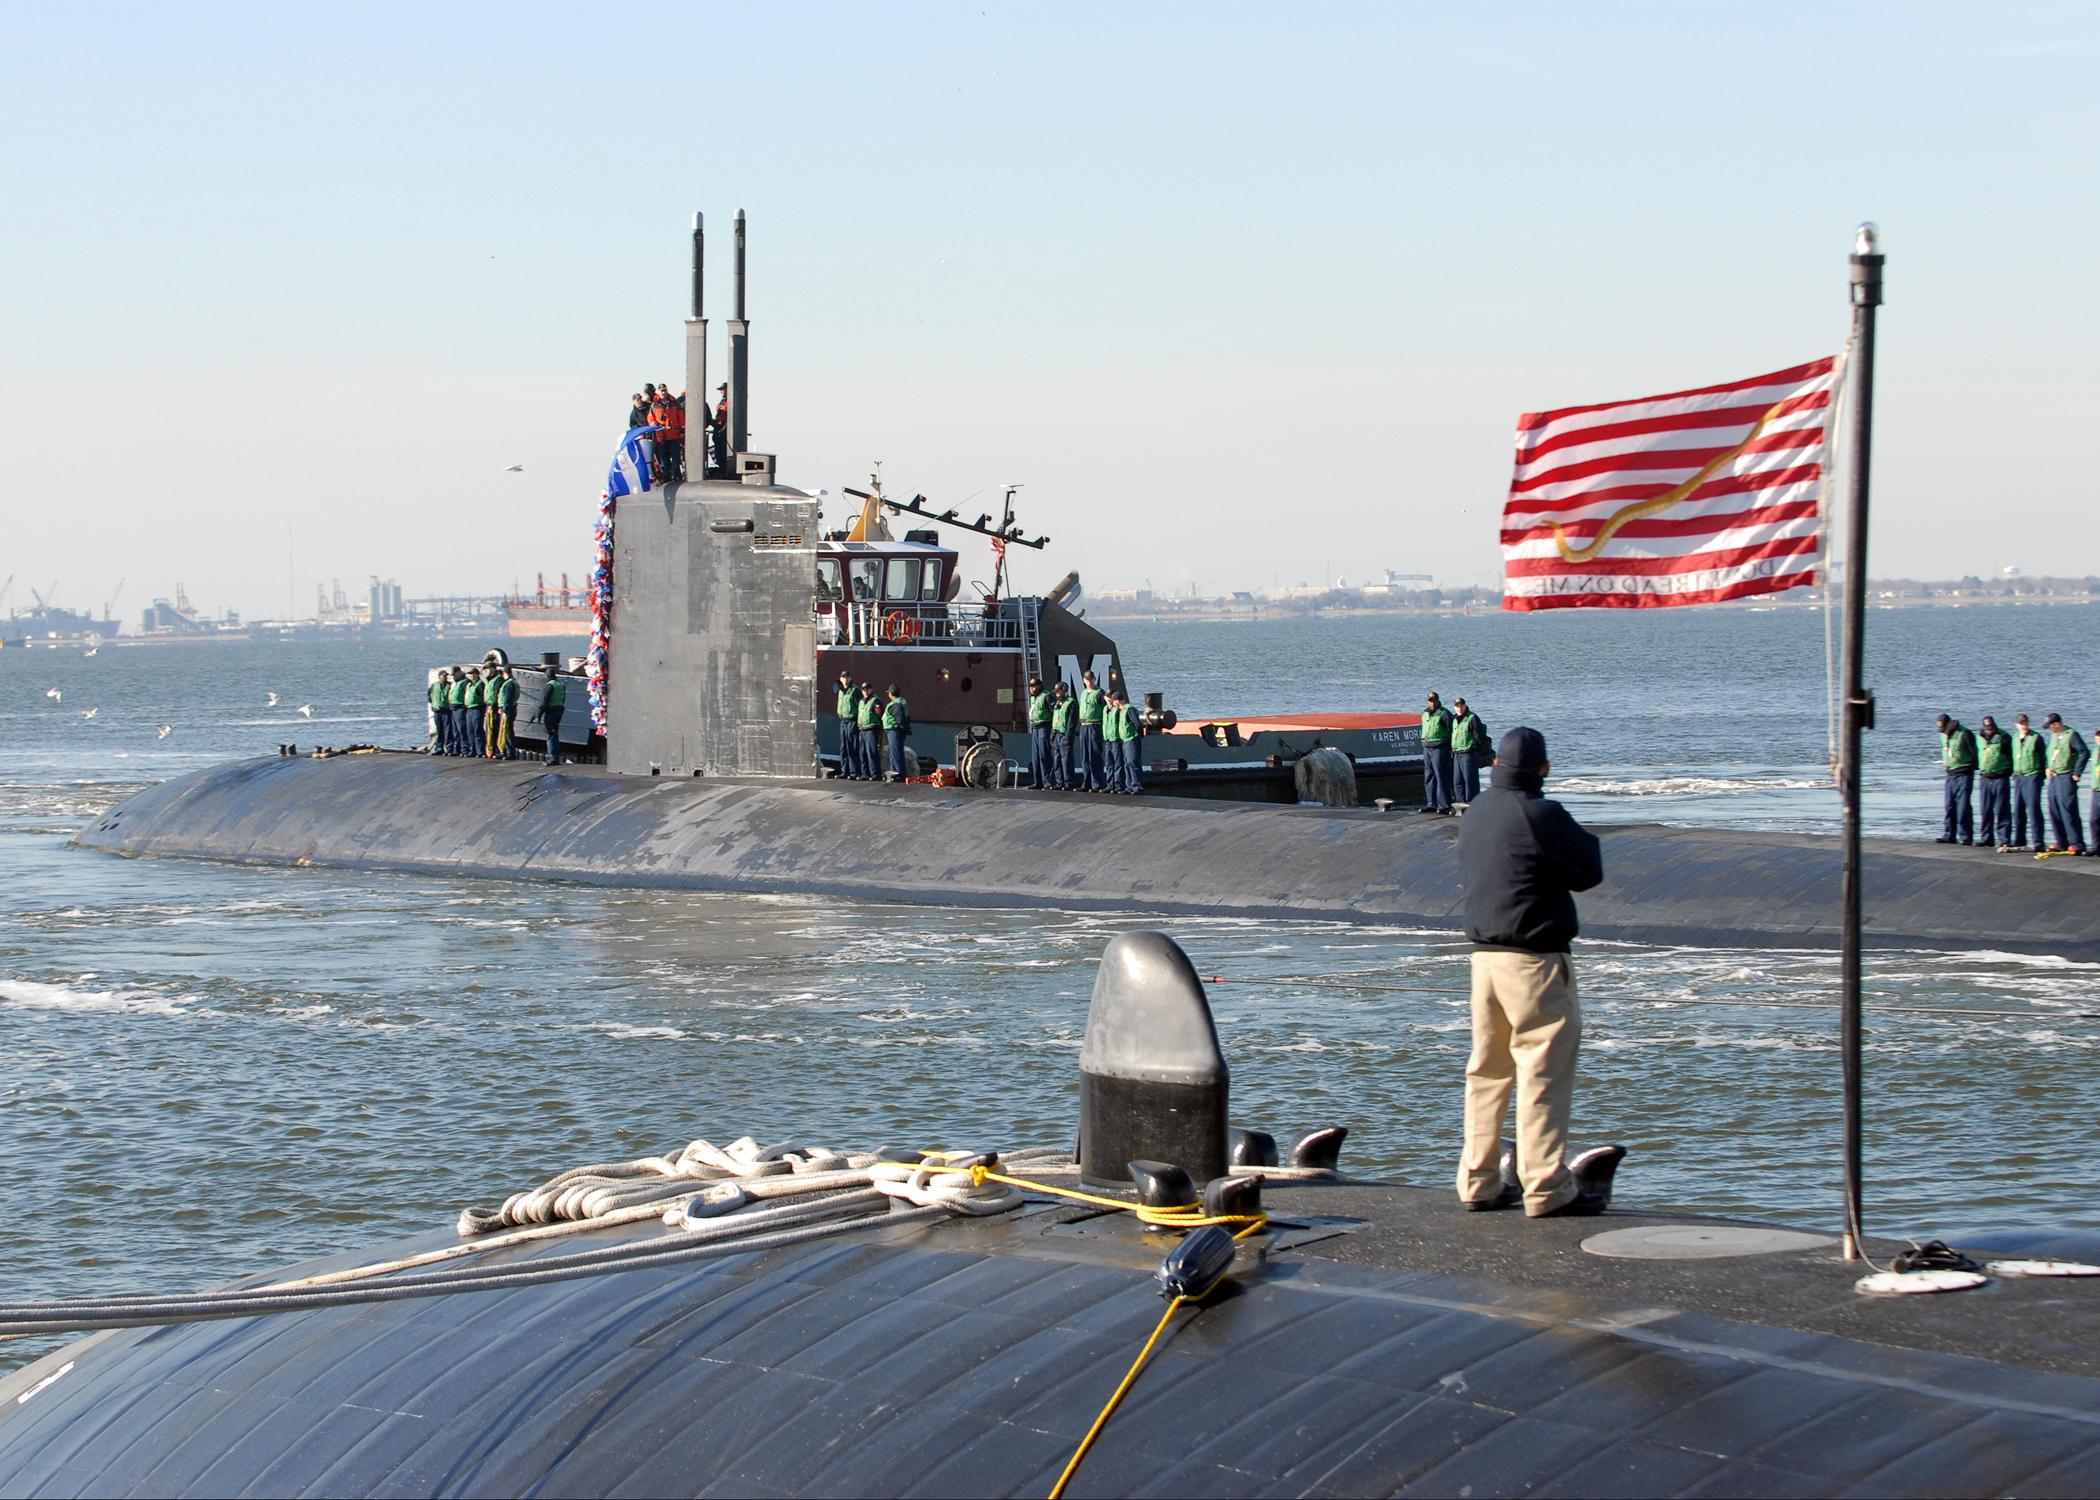 File:US Navy 081223-N-7705S-020 USS Boise (SSN 764